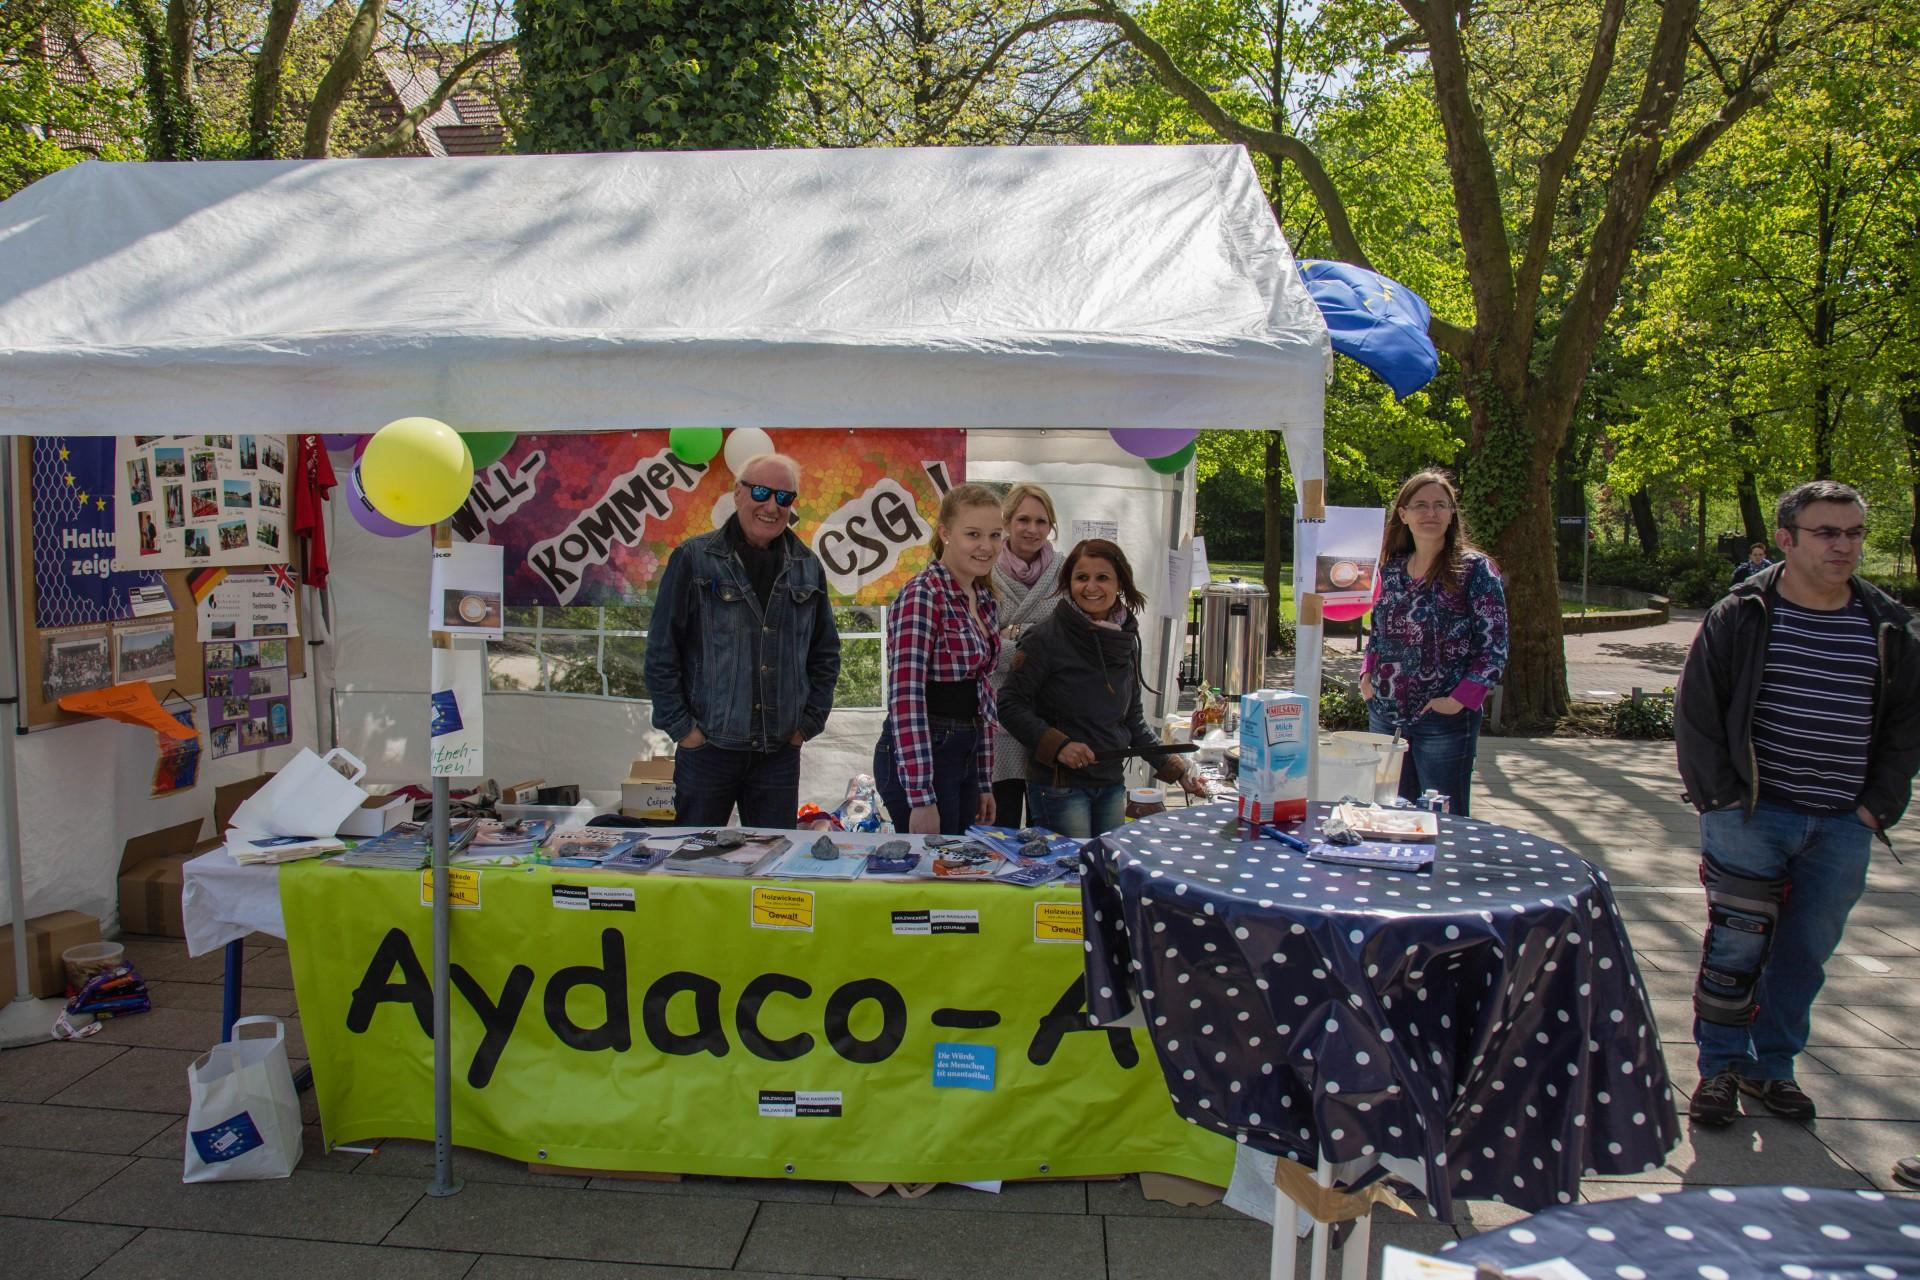 Die Aydaco-Gruppe des CSG bot an ihrem Stand nicht nur jede Menge Informationen, sondern auch auch leckere Crepes an. (Foto: P. Gräber - Emscherblog.de)